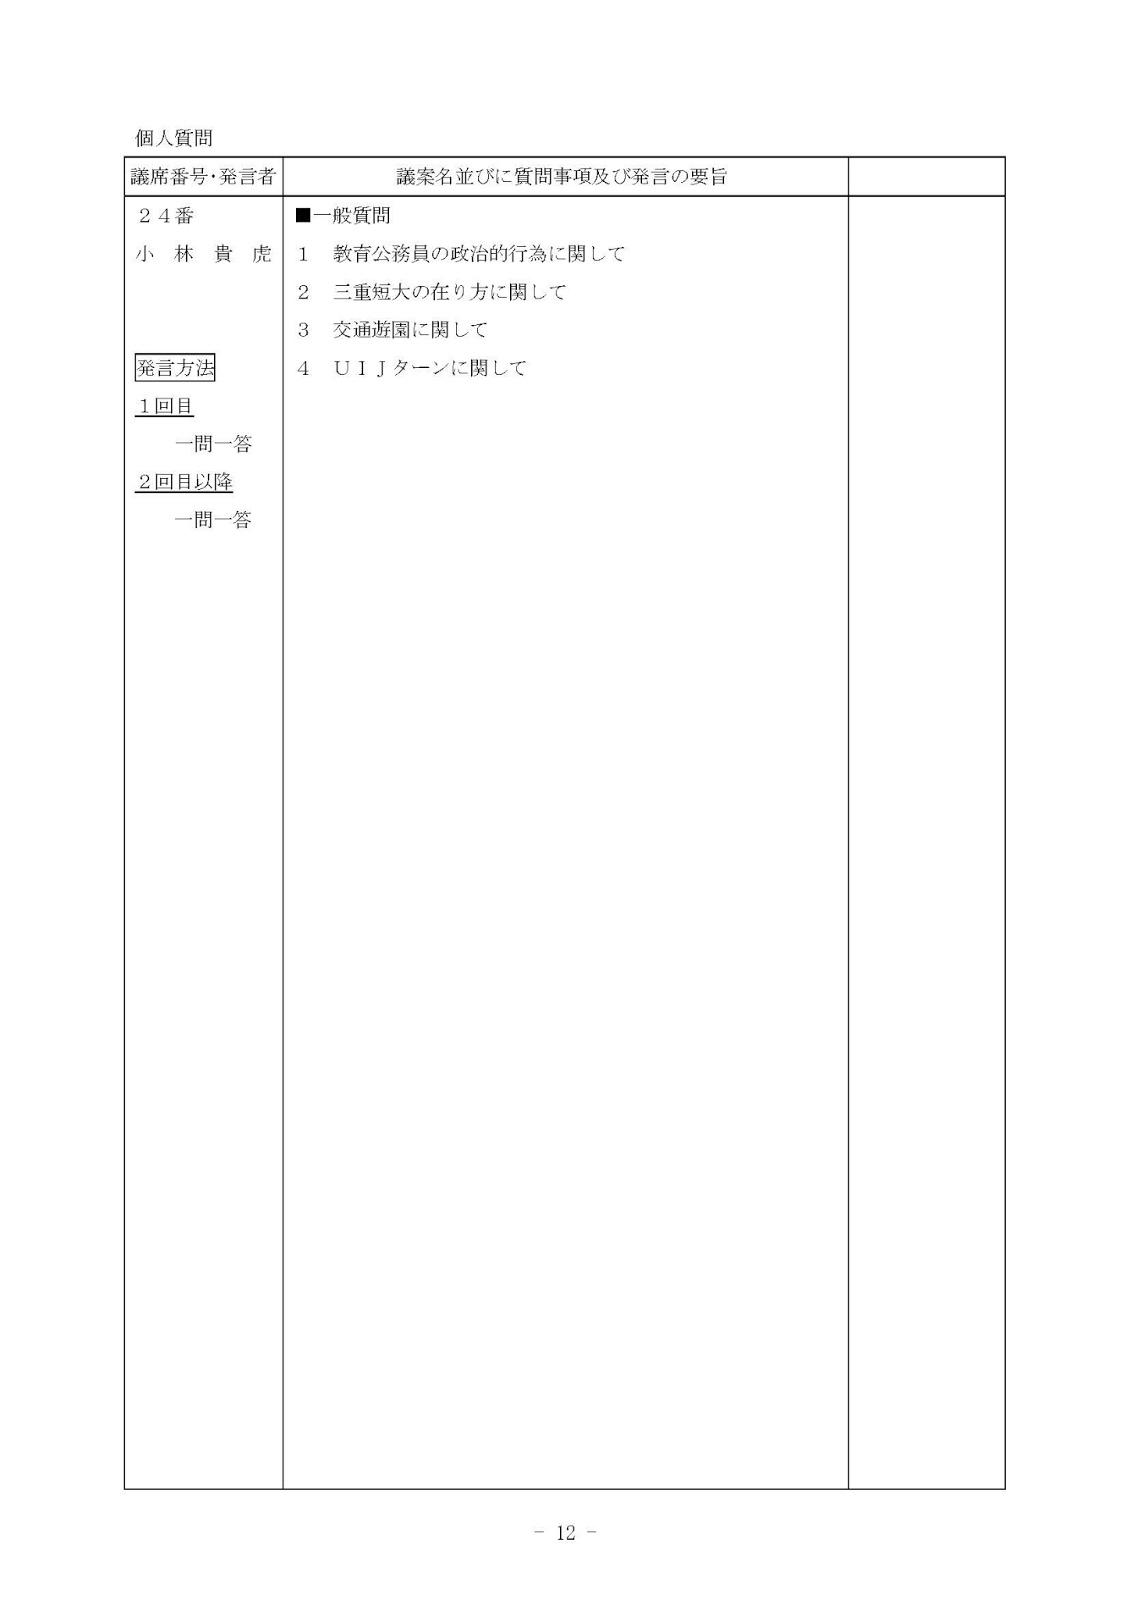 三重県議会議員 小林たかとら: 2015